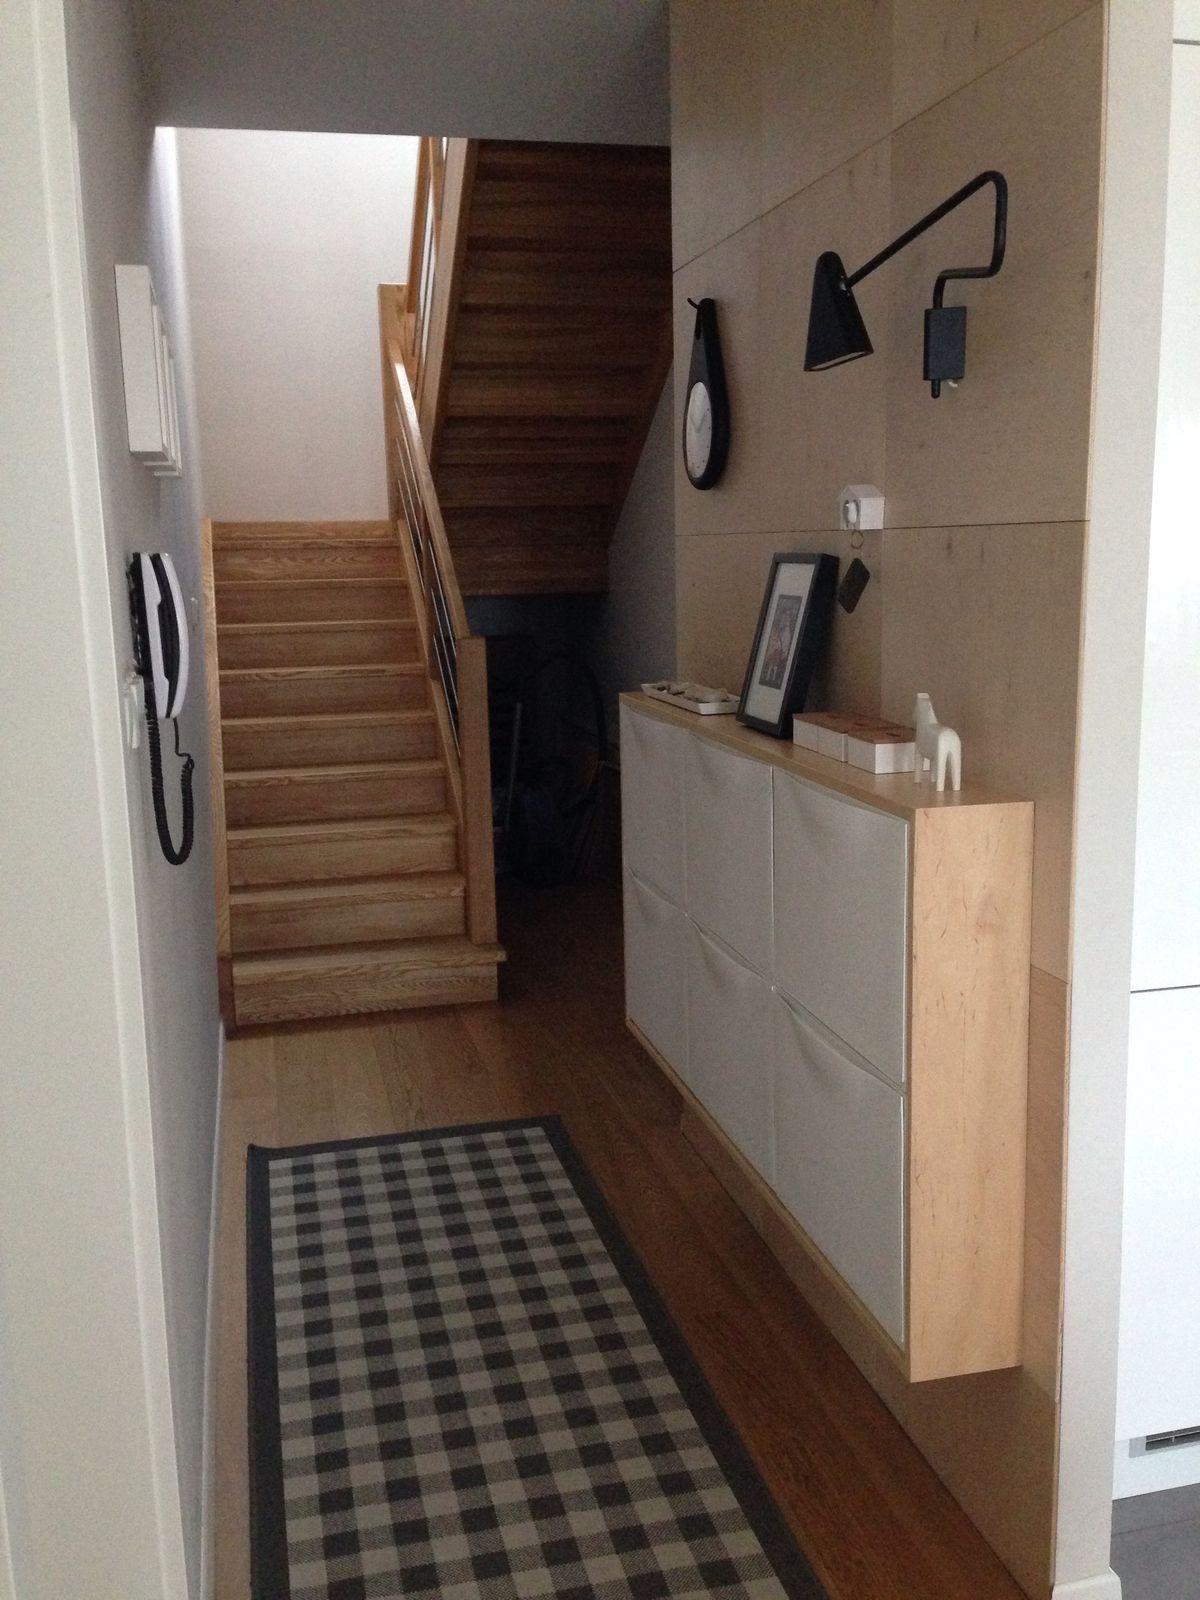 cheap blocs de rangements trones ikea dans un coffrage en bois vernis with meuble cellier ikea. Black Bedroom Furniture Sets. Home Design Ideas